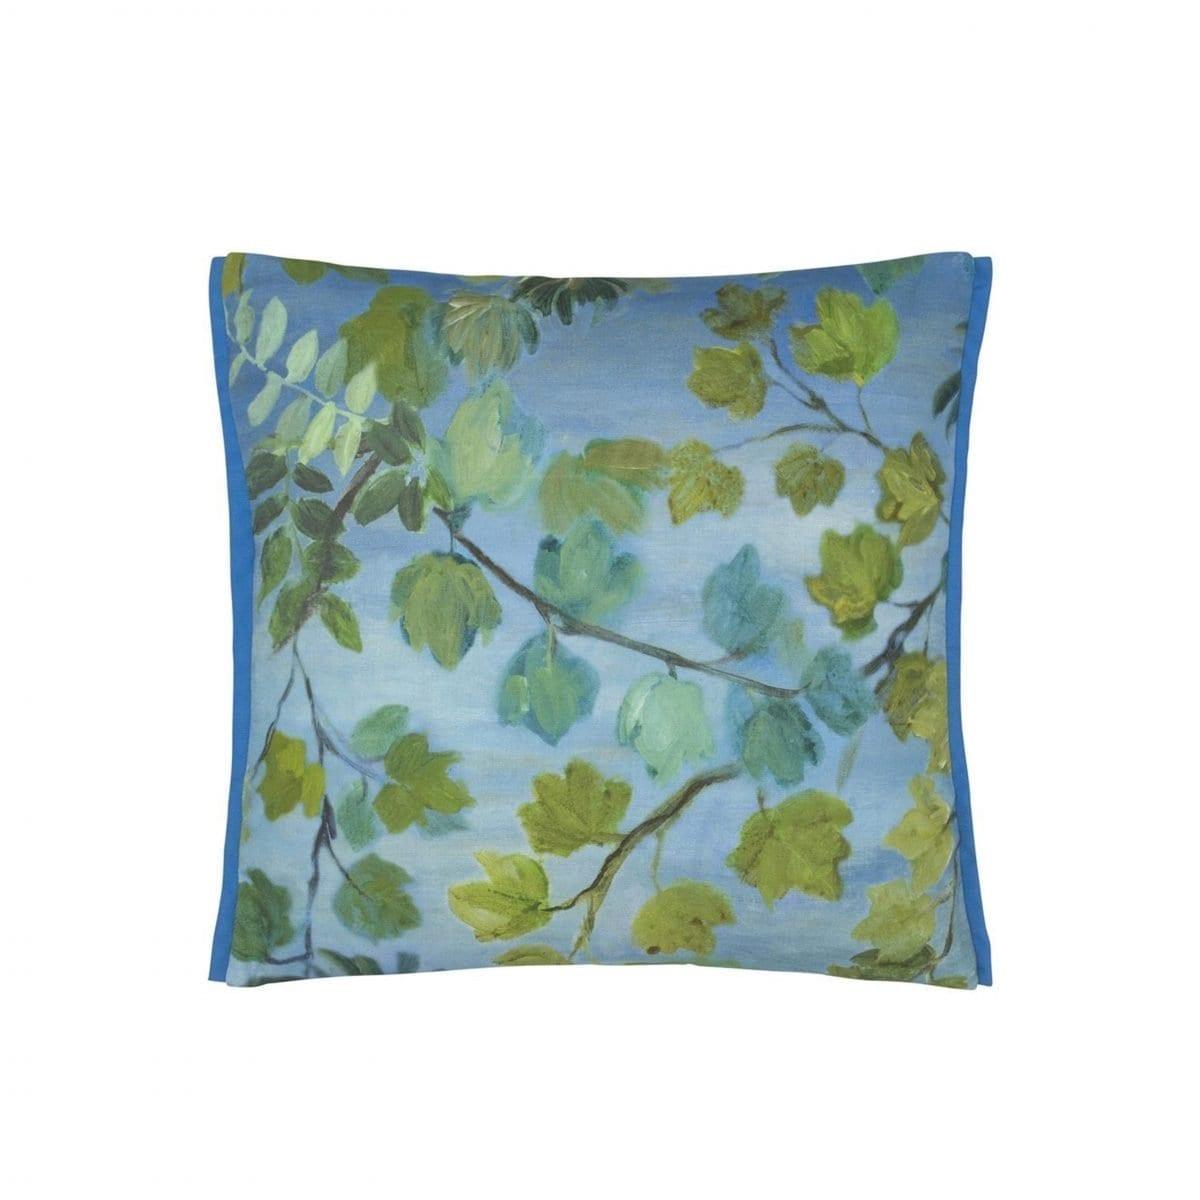 Giardino Segreto outdoor cornflower is een buitenkussen met een indrukwekkend bladerenpatroon in de tinten kobaltblauw en groen